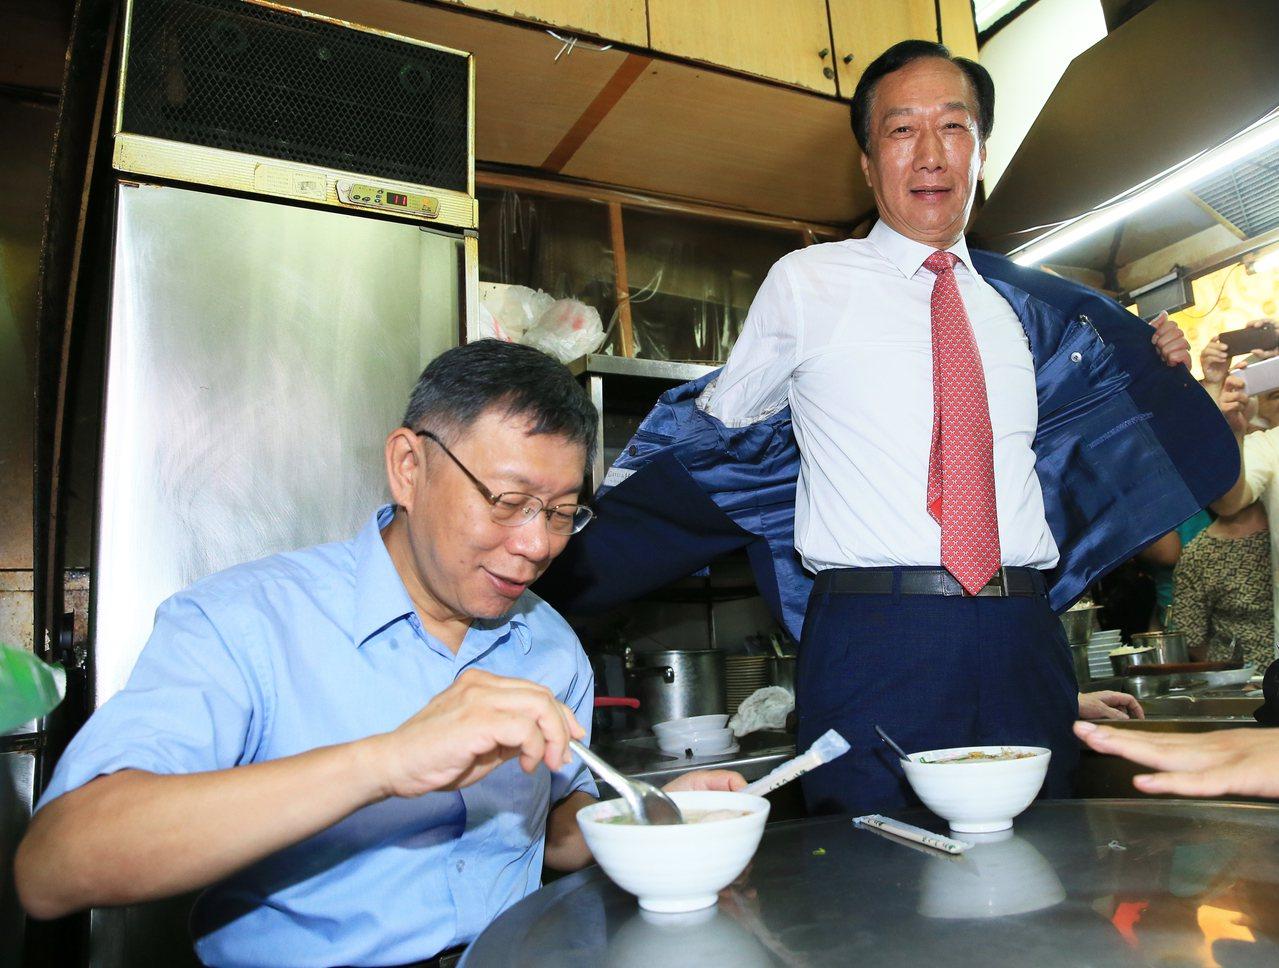 鴻海創辦人郭台銘(右)脫下藍袍,今天宣布退出國民黨。記者潘俊宏/攝影